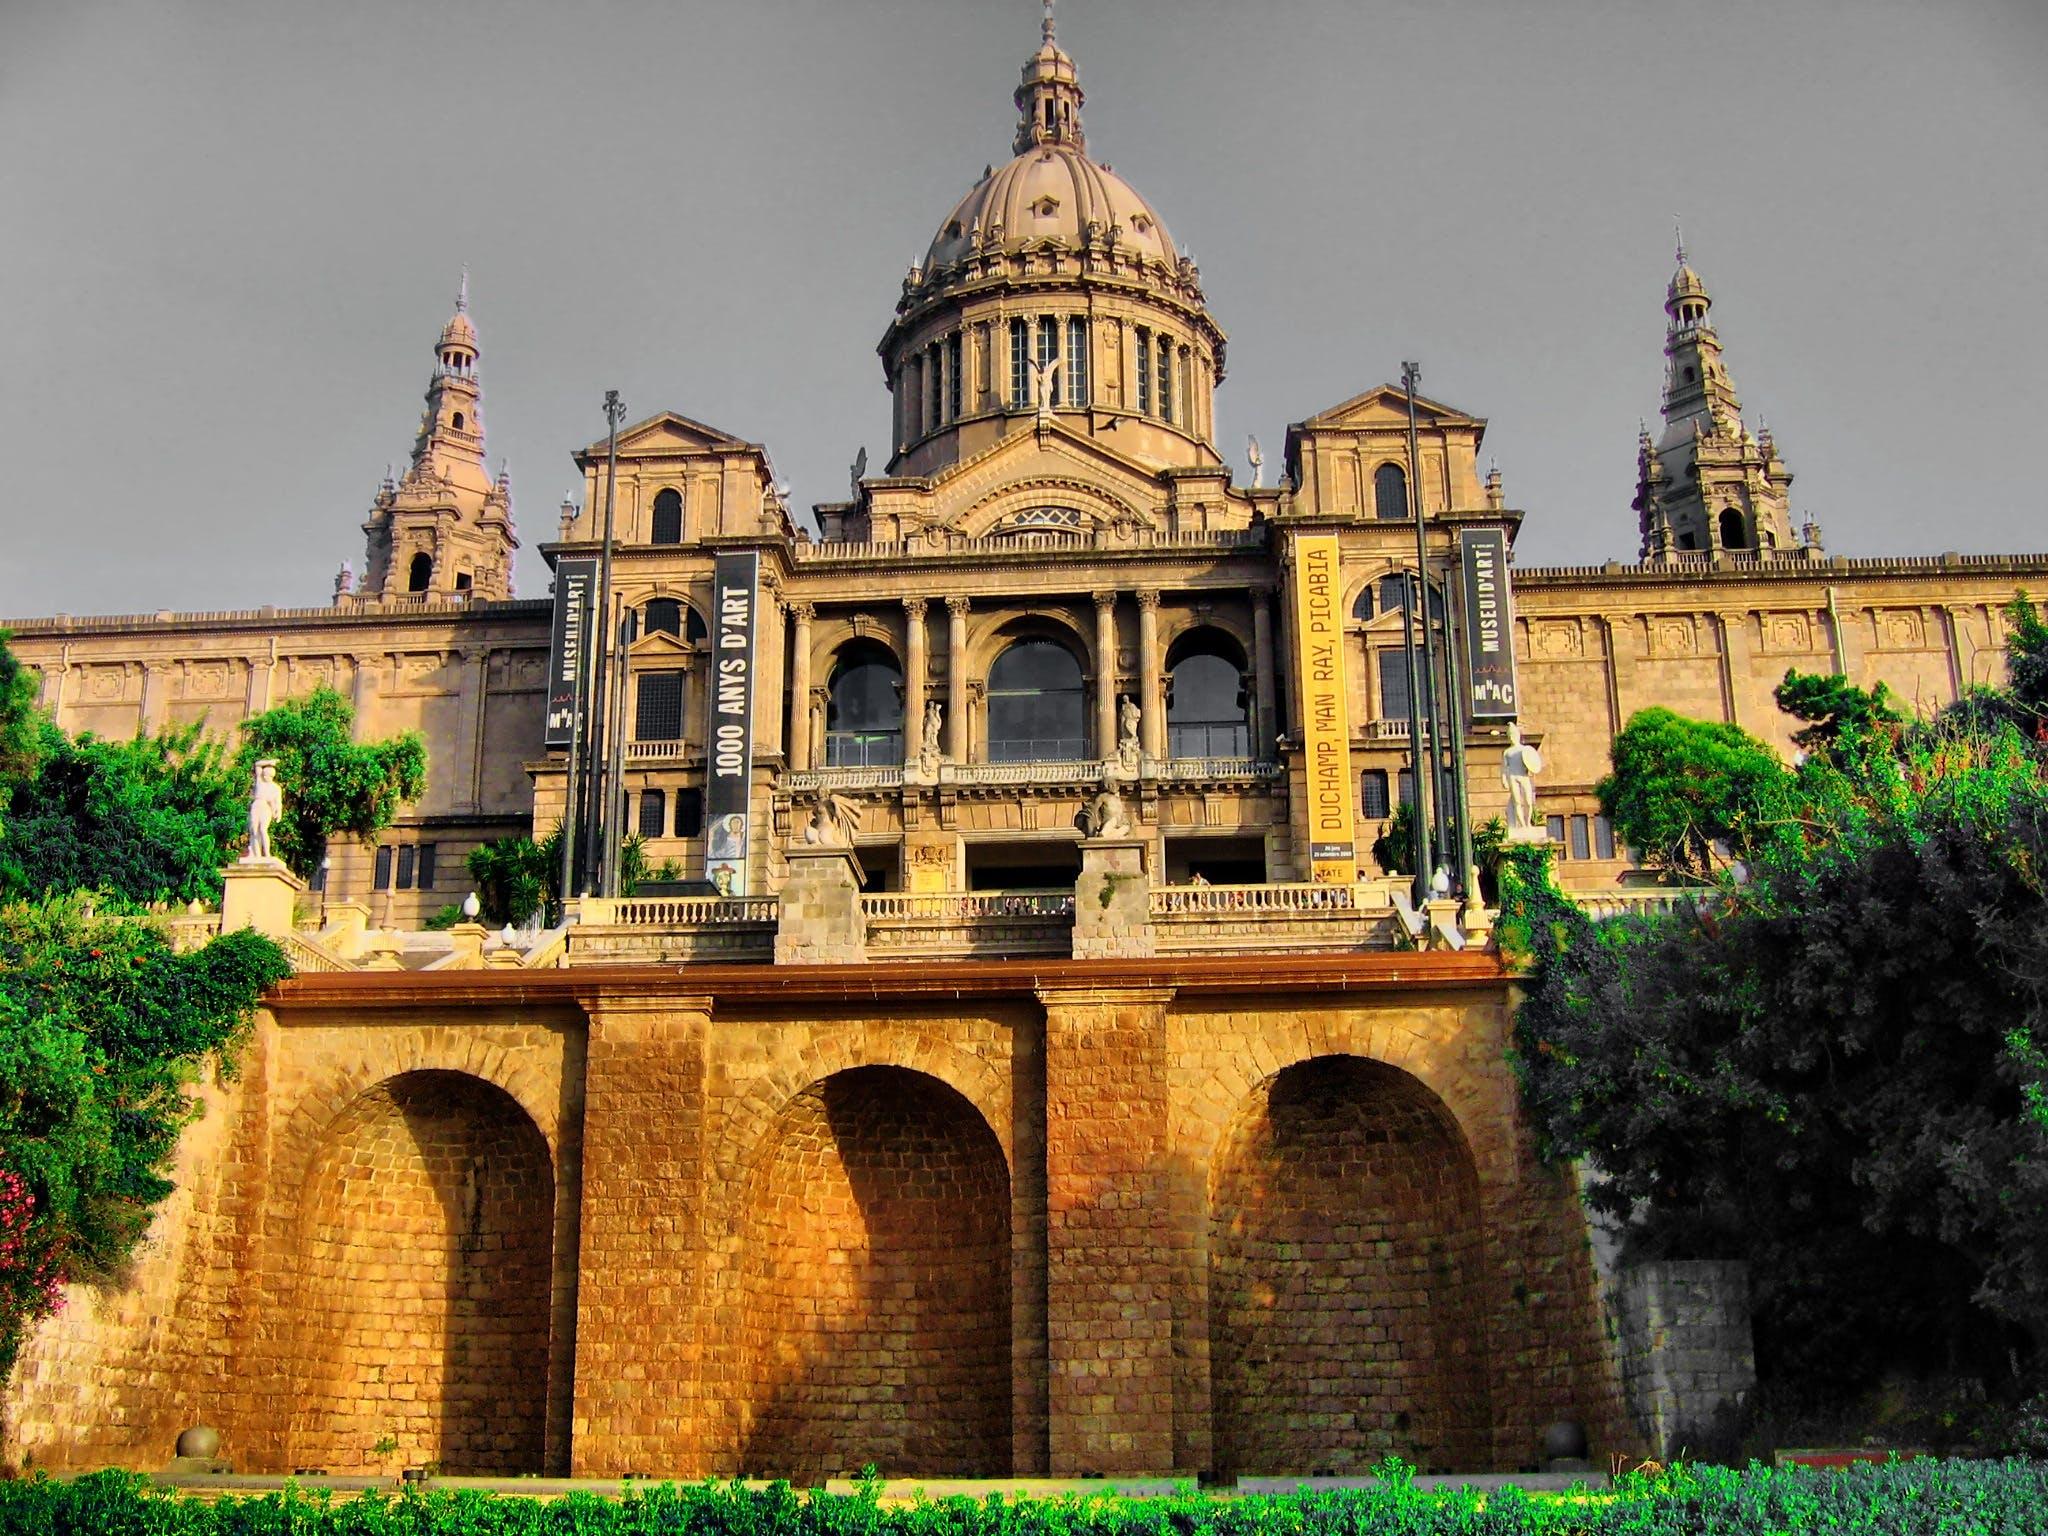 Kostenloses Stock Foto zu architektur, barcelona, bekannt, bögen